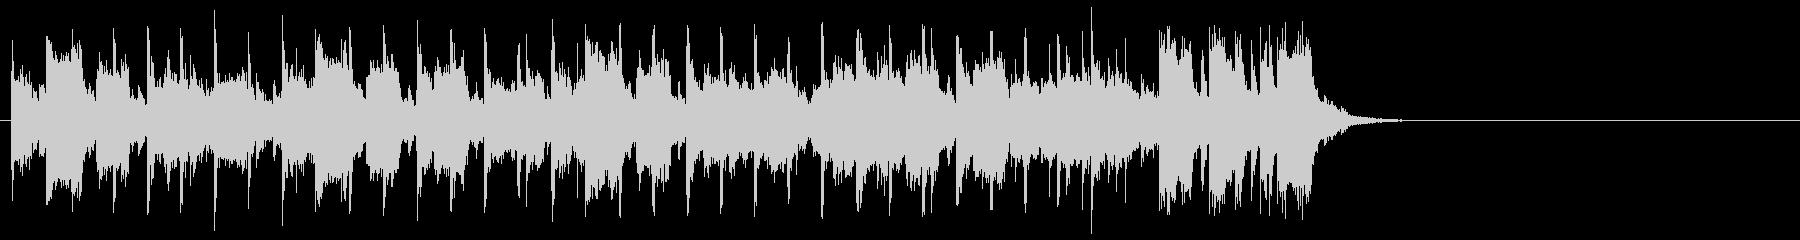 ダンサブルなポップ(サビ)の未再生の波形